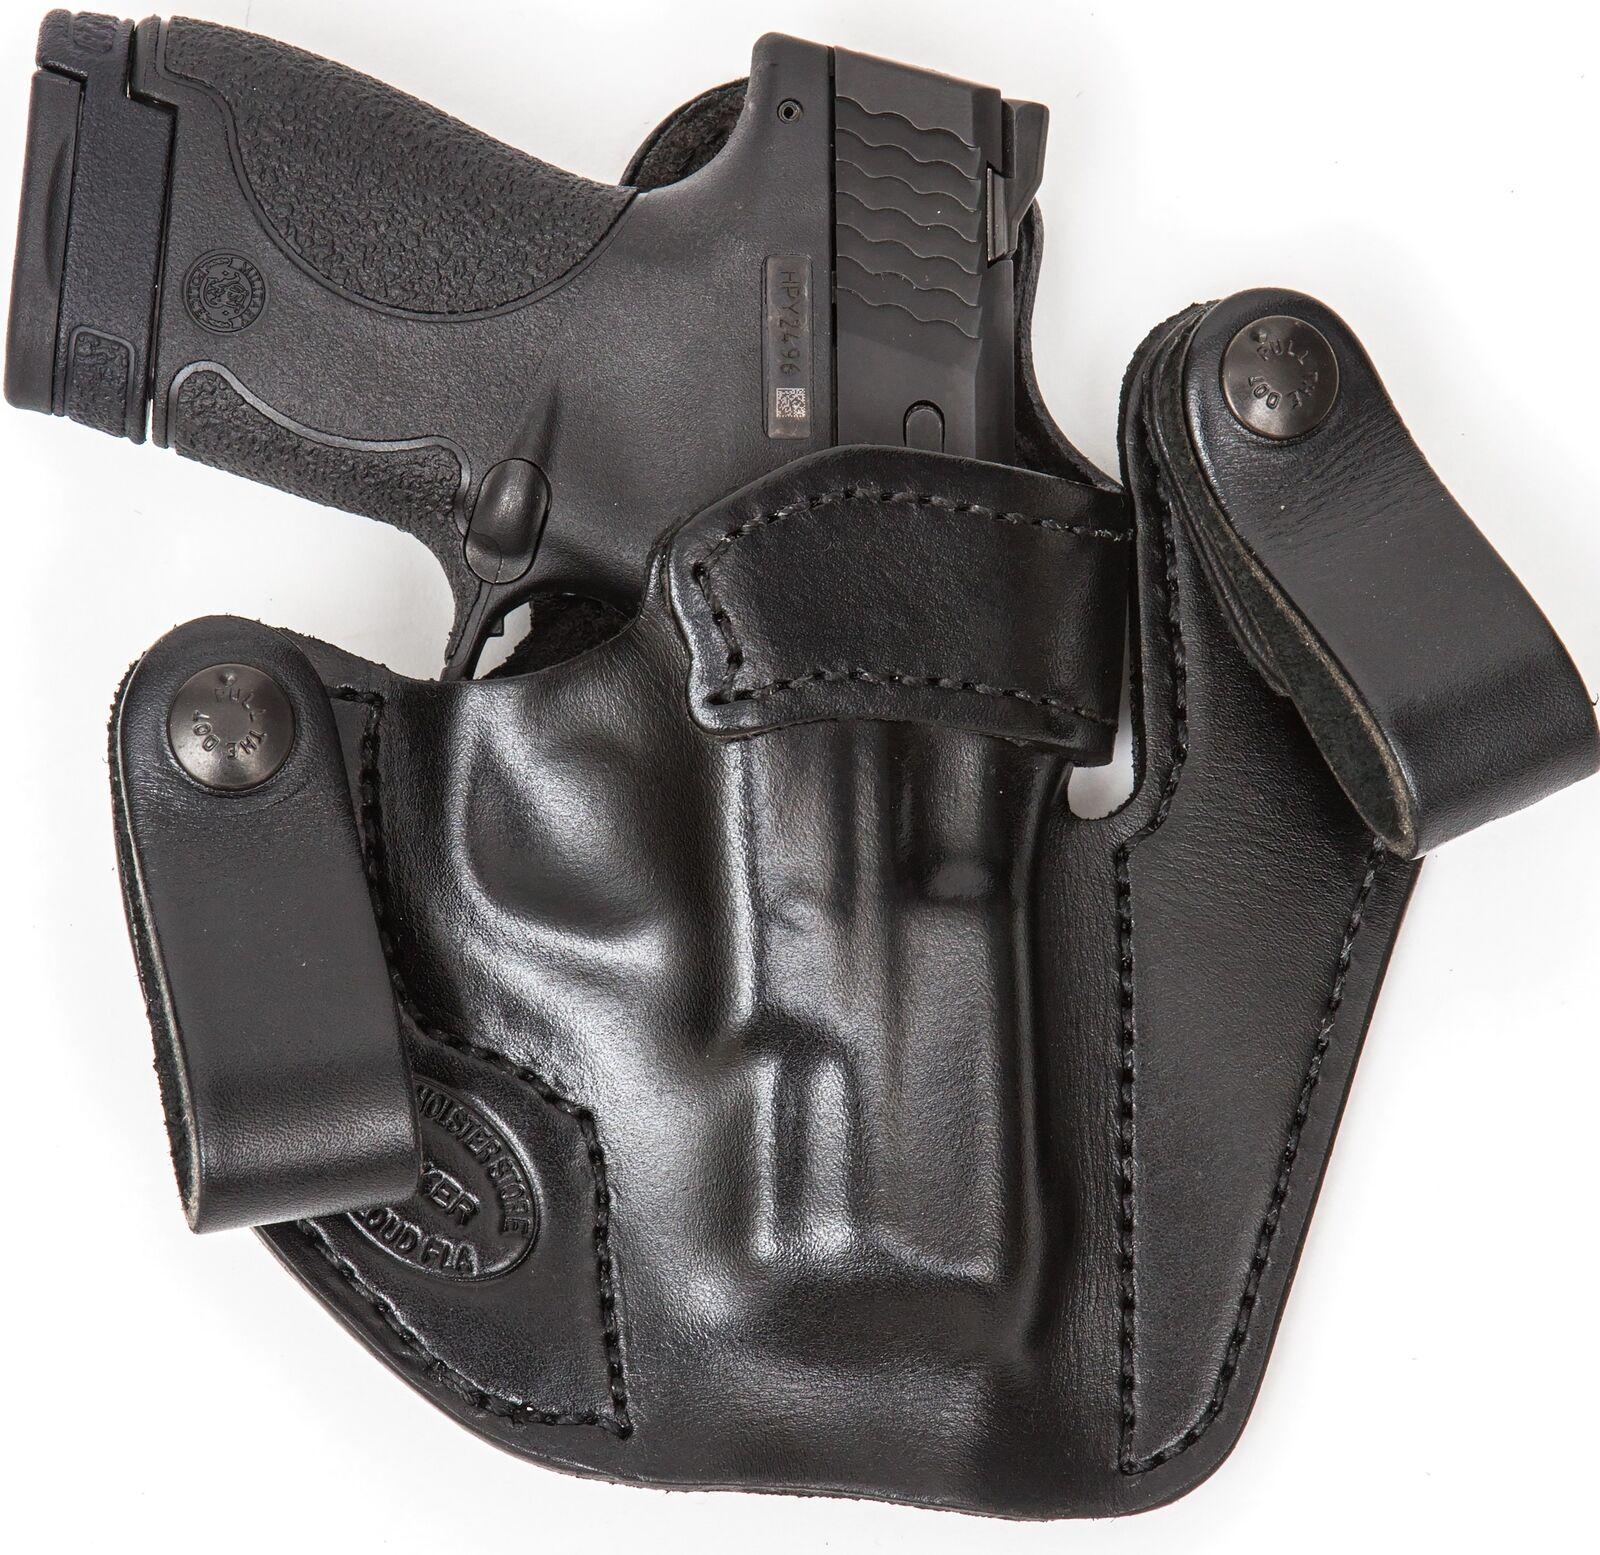 XTREME llevar RH LH dentro de la cintura de cuero Funda Pistola para Springfield Completo Tamaño 9 40 45